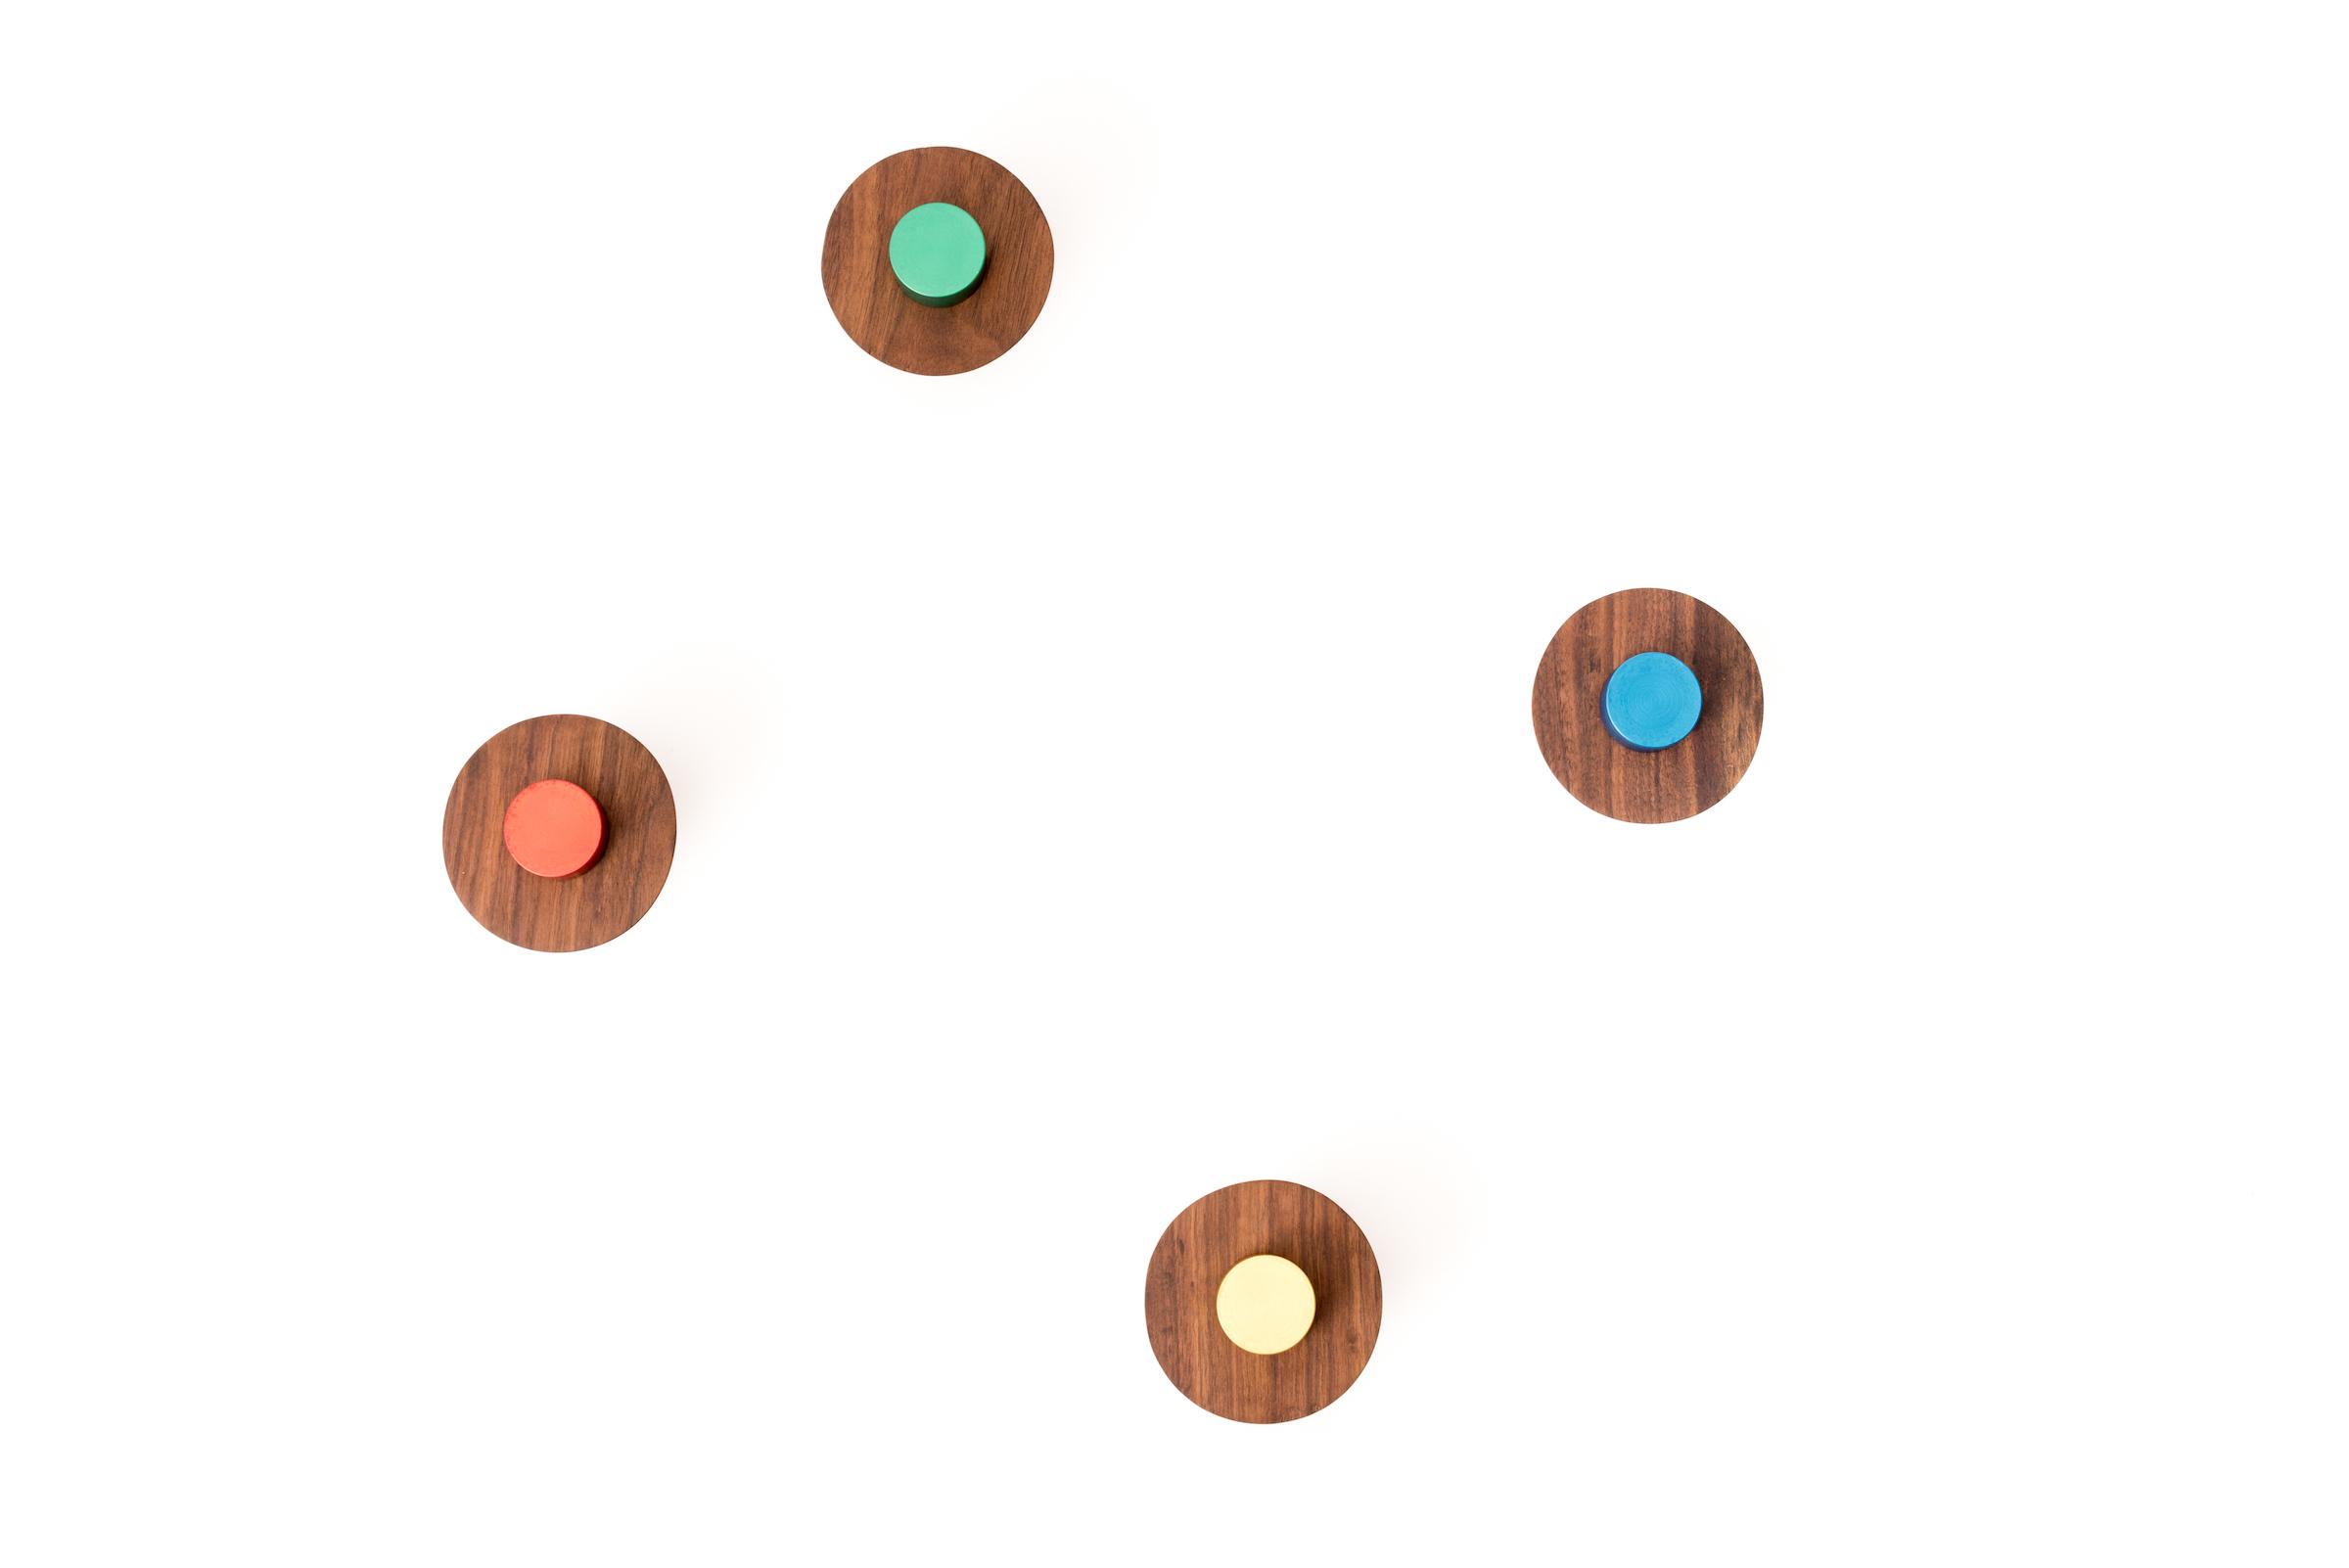 jorge-diego-etienne-versus-20